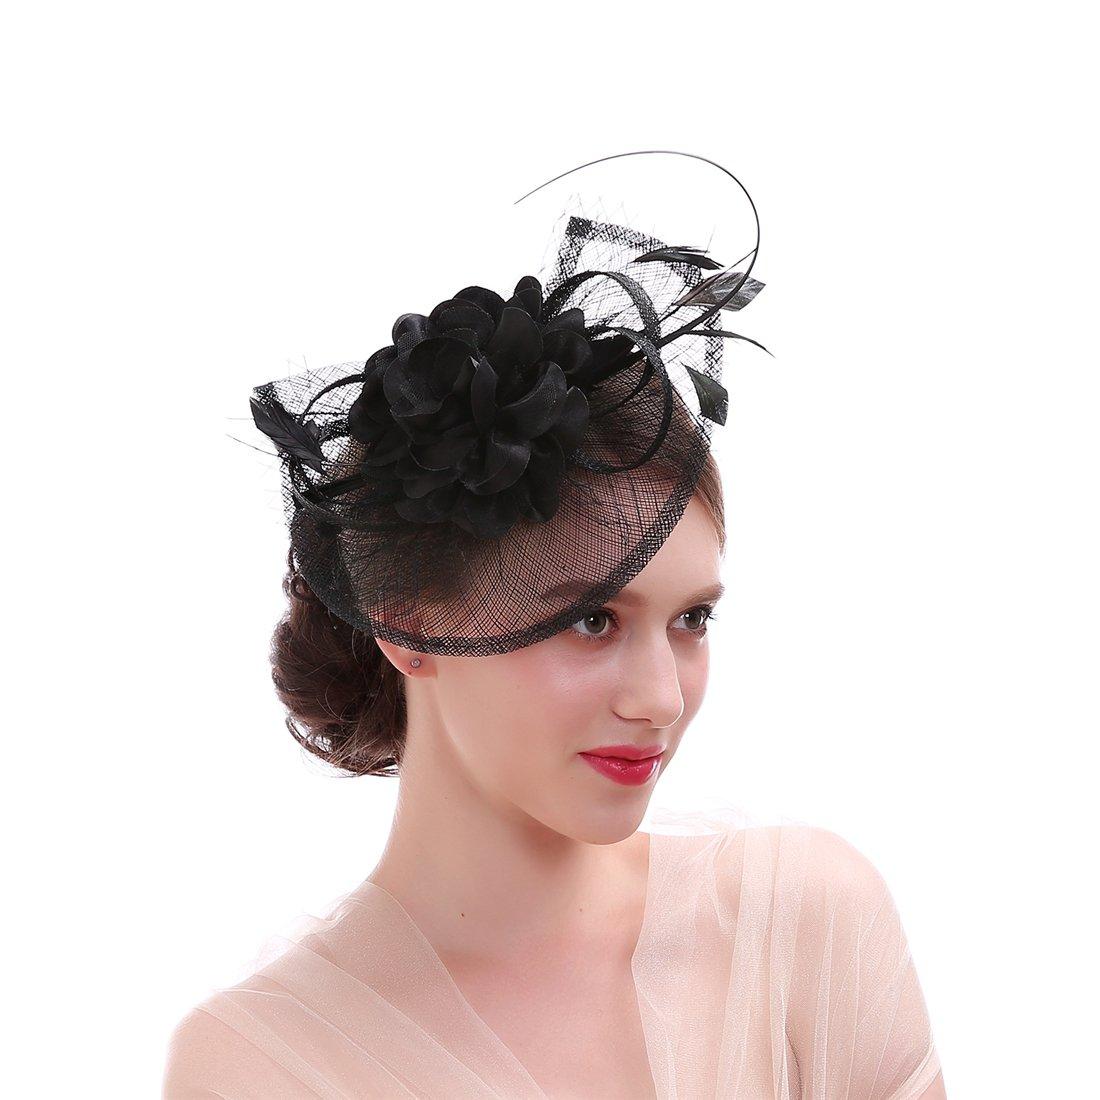 FIRYIN Sinamay Feather Fascinator Headband Flower Derby Hat For Women (Black)